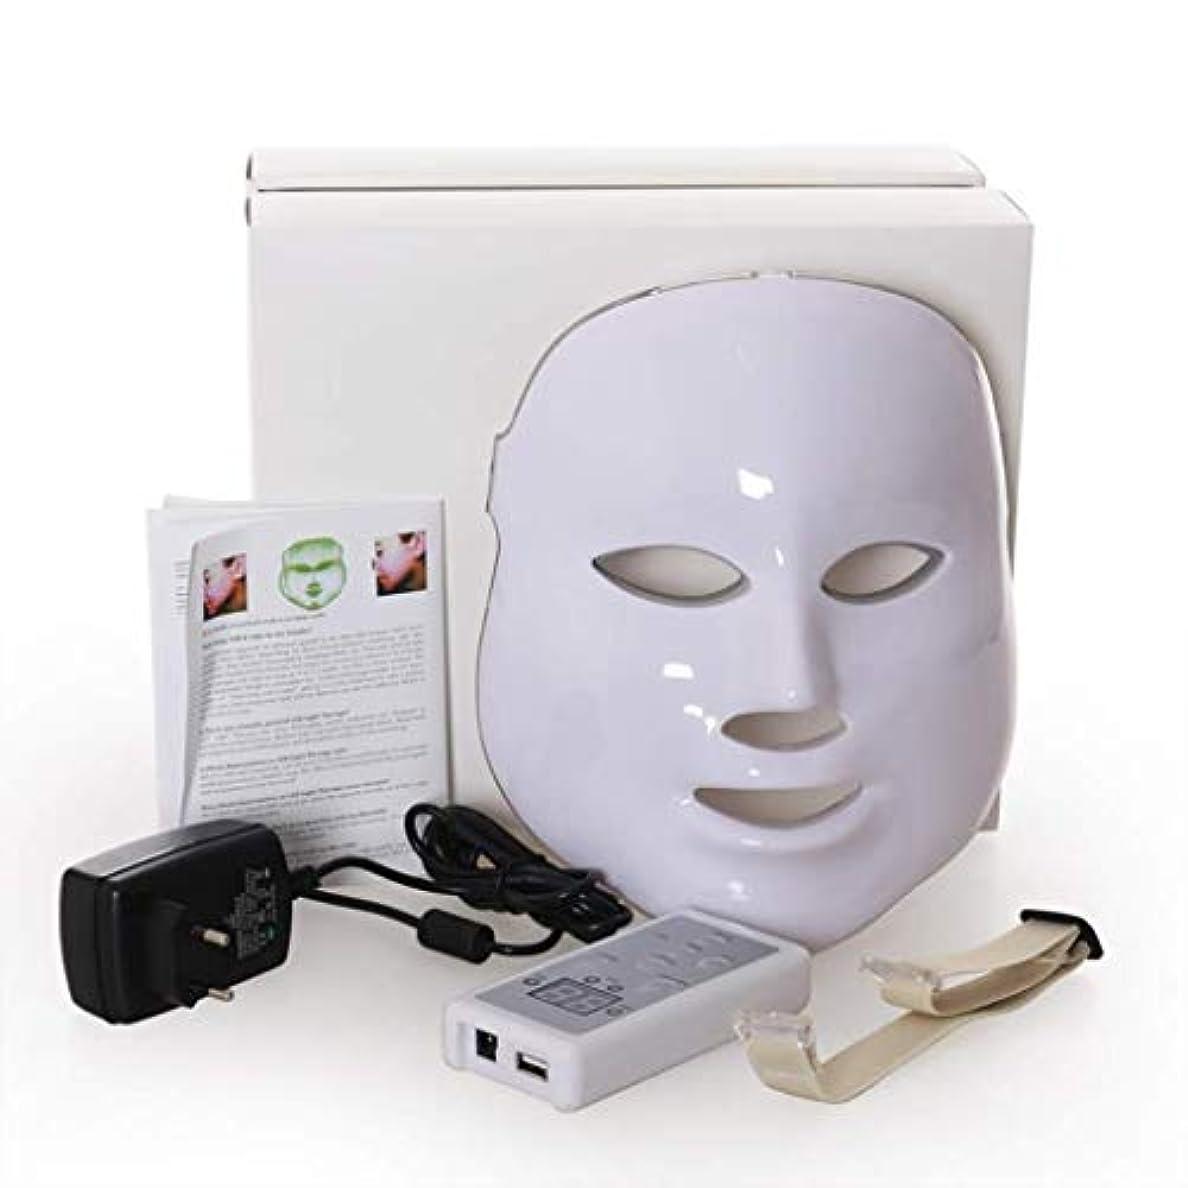 ルール時折日焼けフェイシャルビューティーインストルメント、7色LED光線療法フェイシャルスキンマスク、しわ、ニキビ、シミ、肌の若返りコラーゲン、アンチエイジングビューティーマスクを減らす